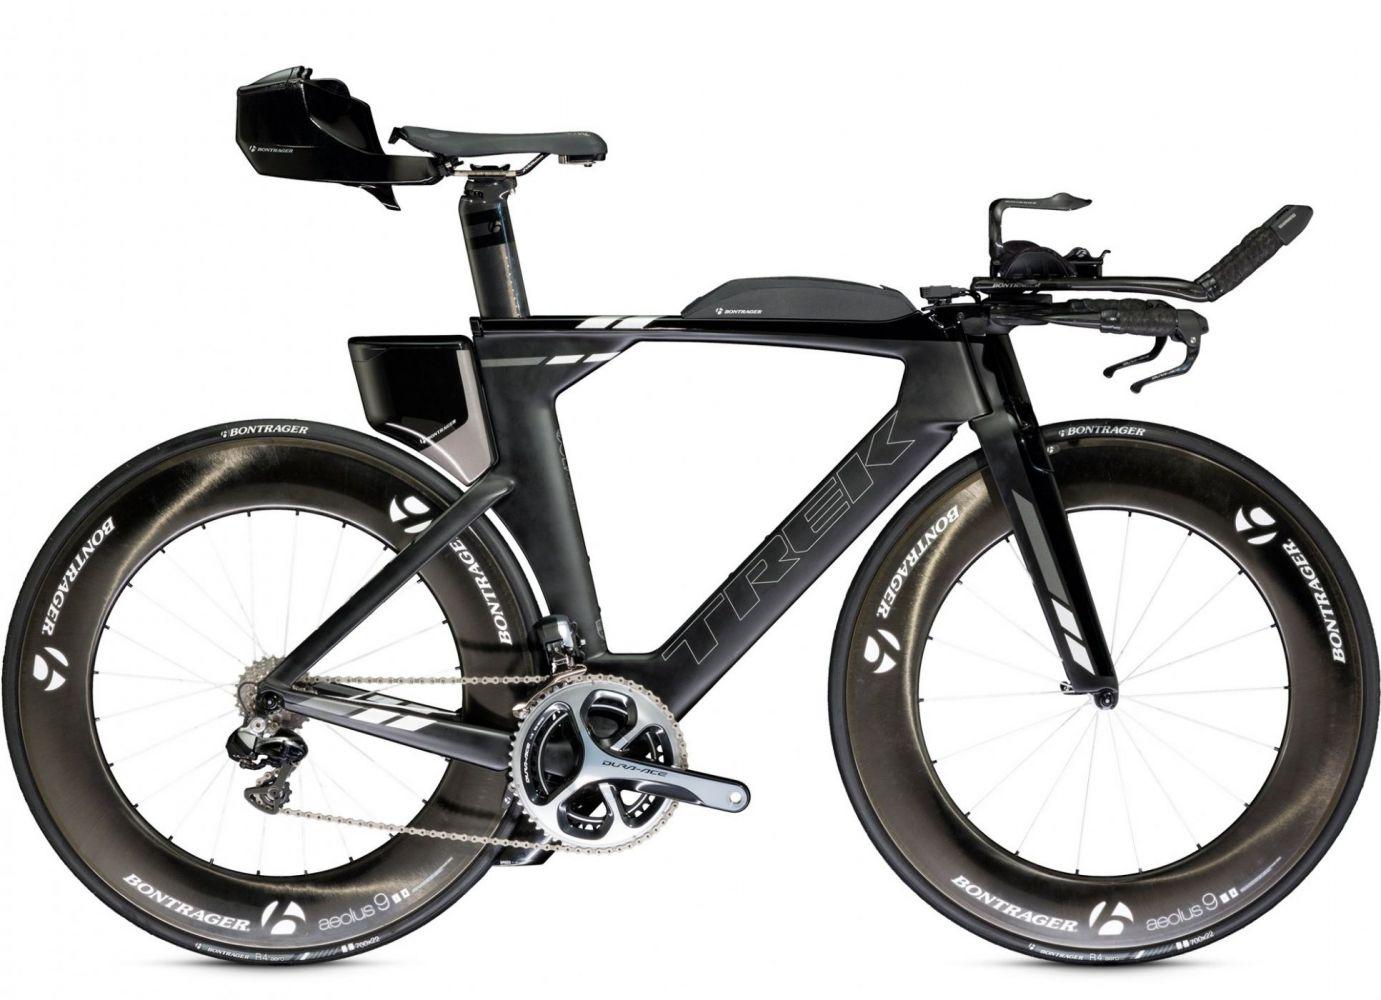 new trek bikes - HD1381×1000